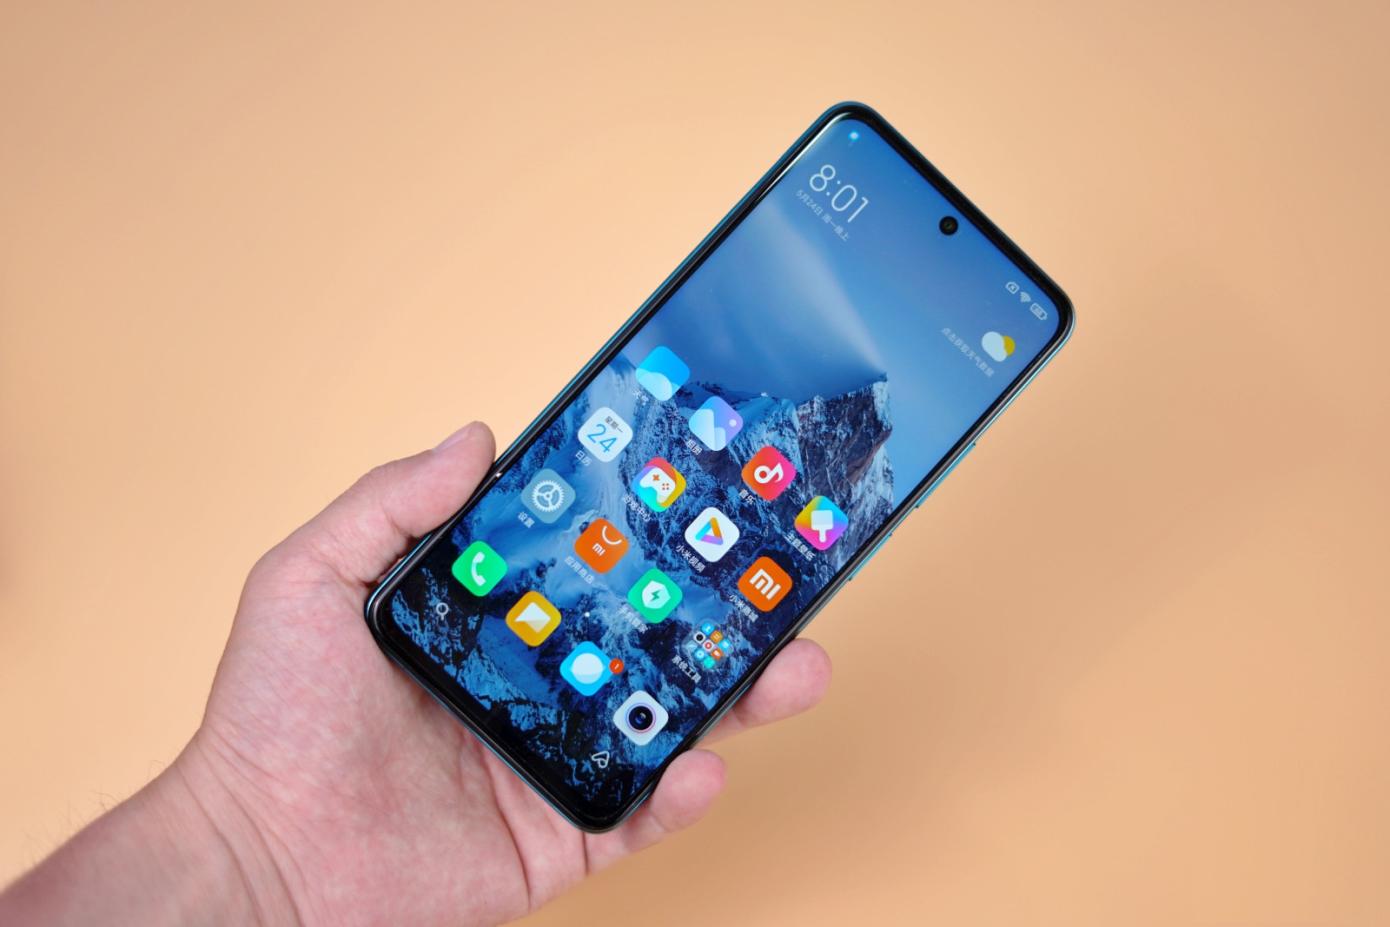 Xiaomi Predstavlyaet Novye Produkty Redmi Vklyuchaya Sovershenno Drugoj Redmi Note 10 Pro 2